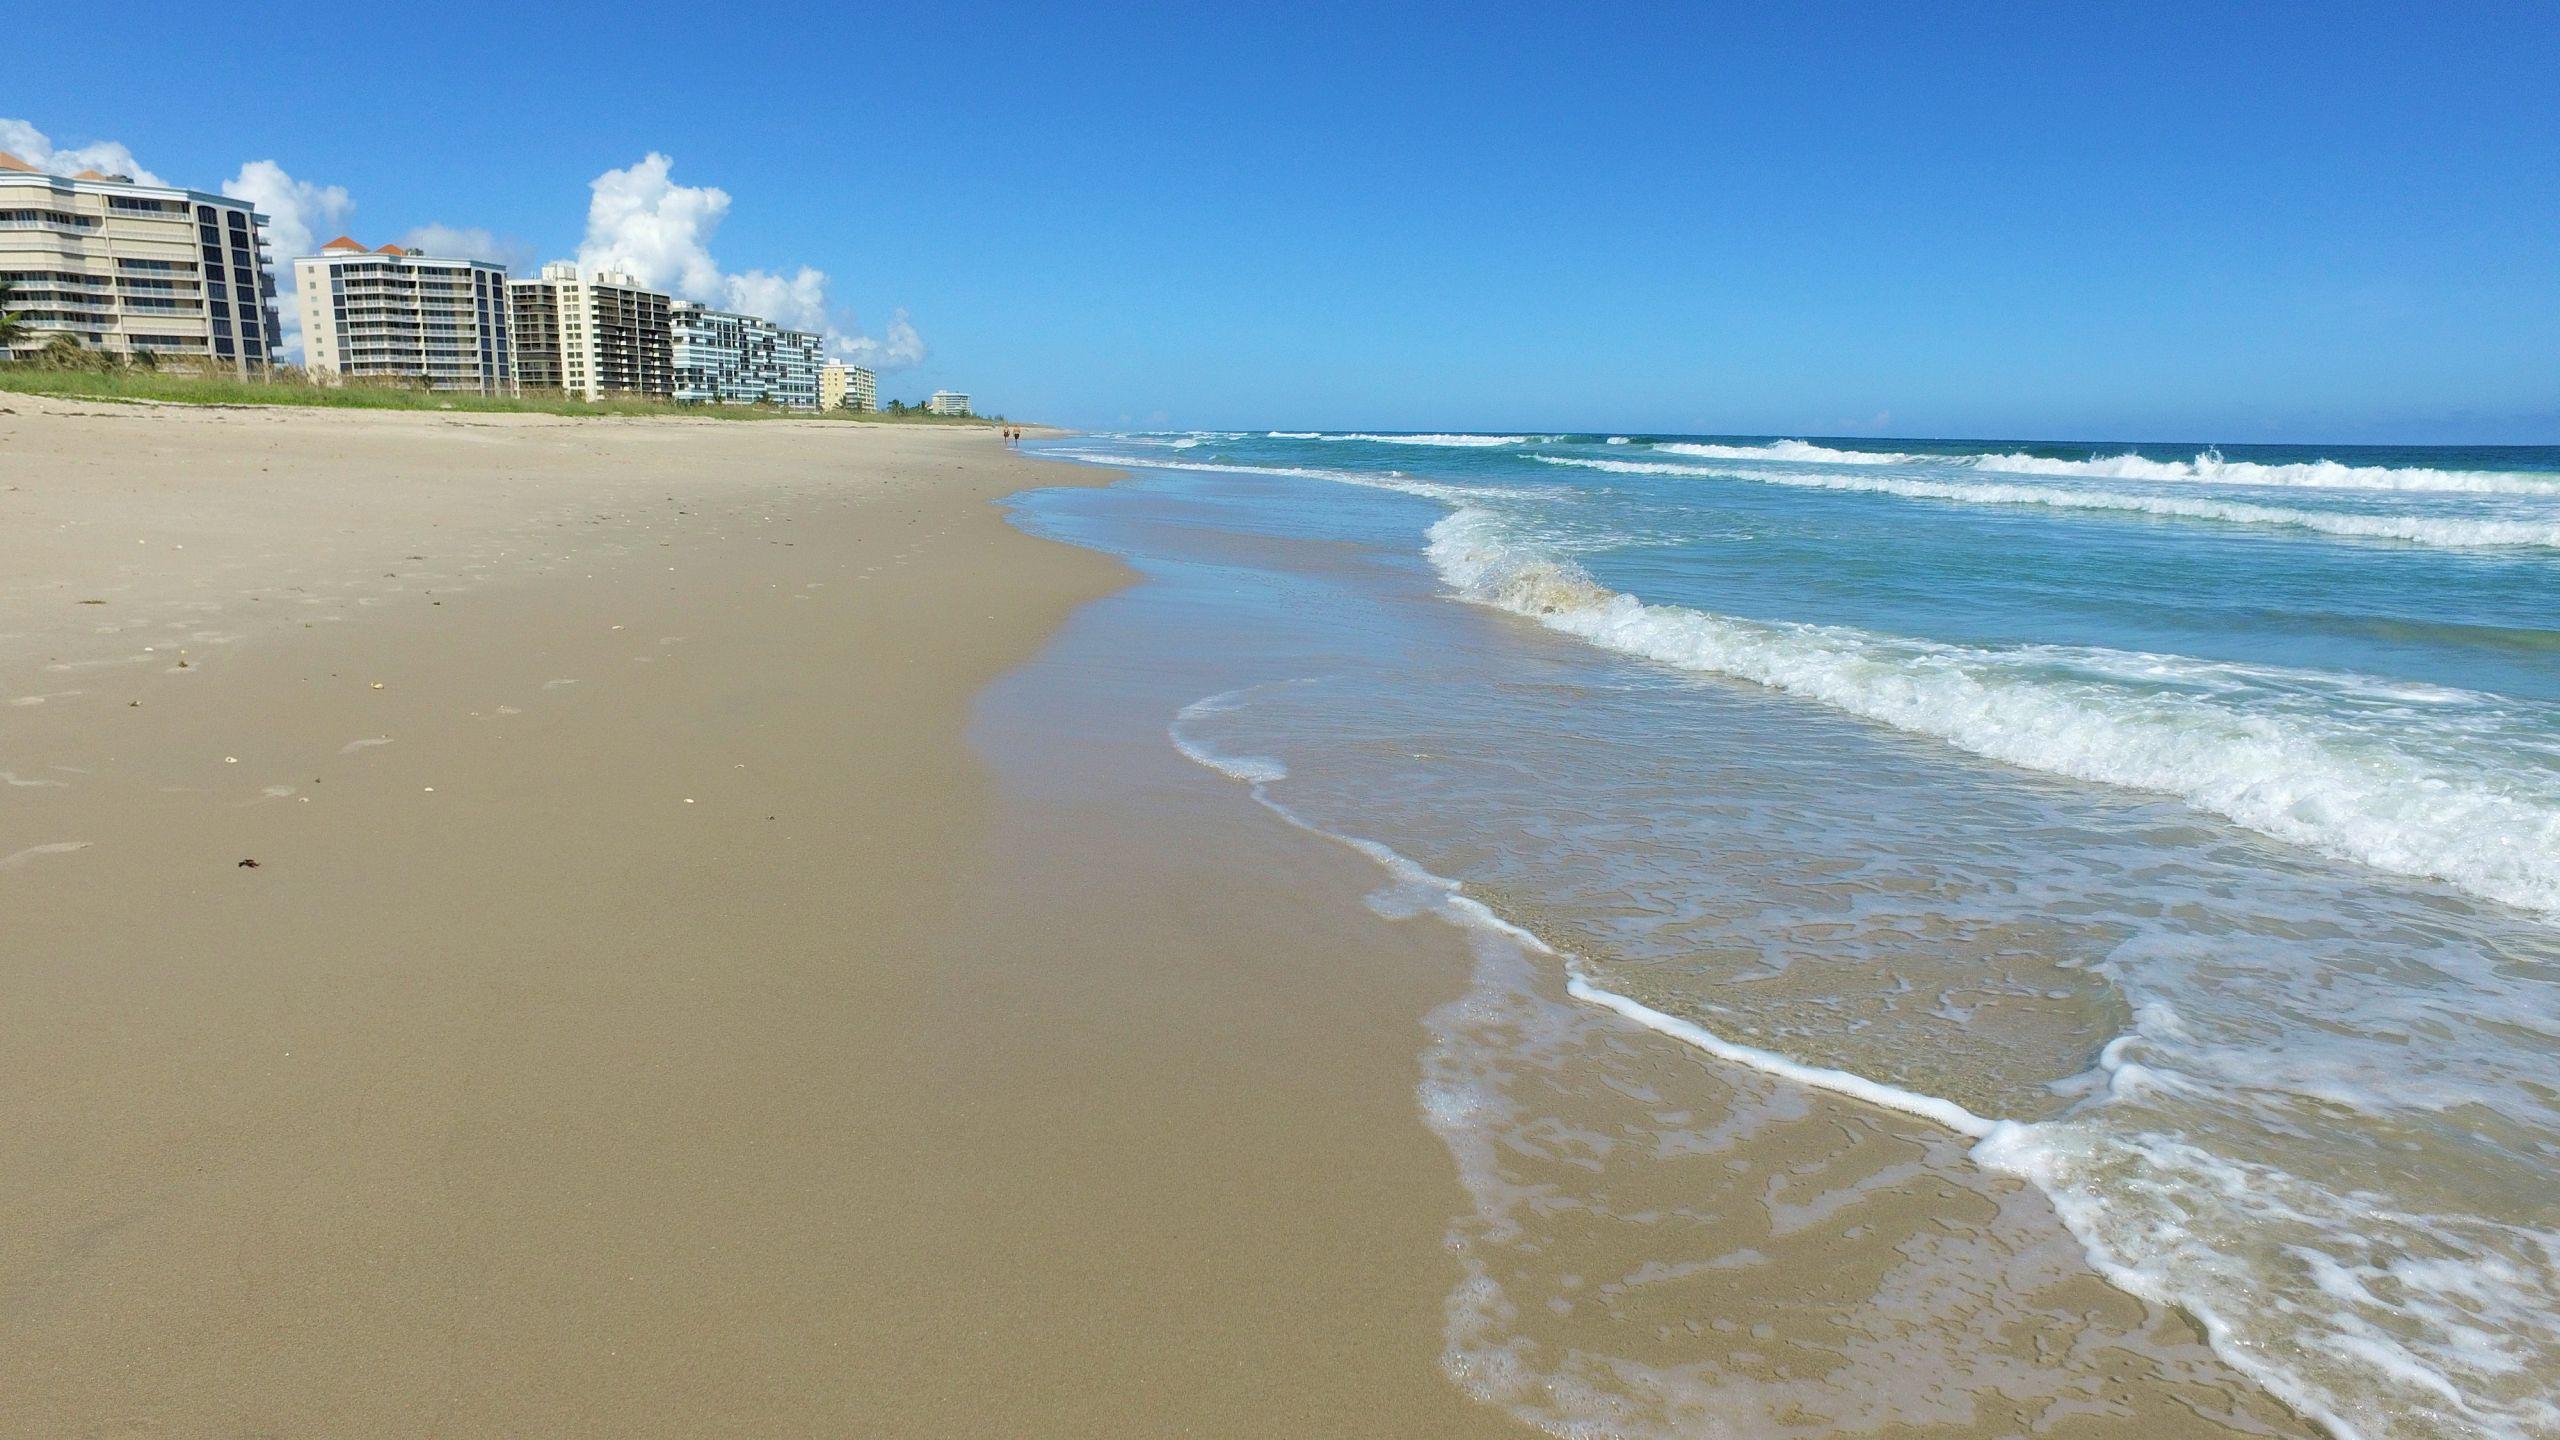 Beautiful Beaches Await!